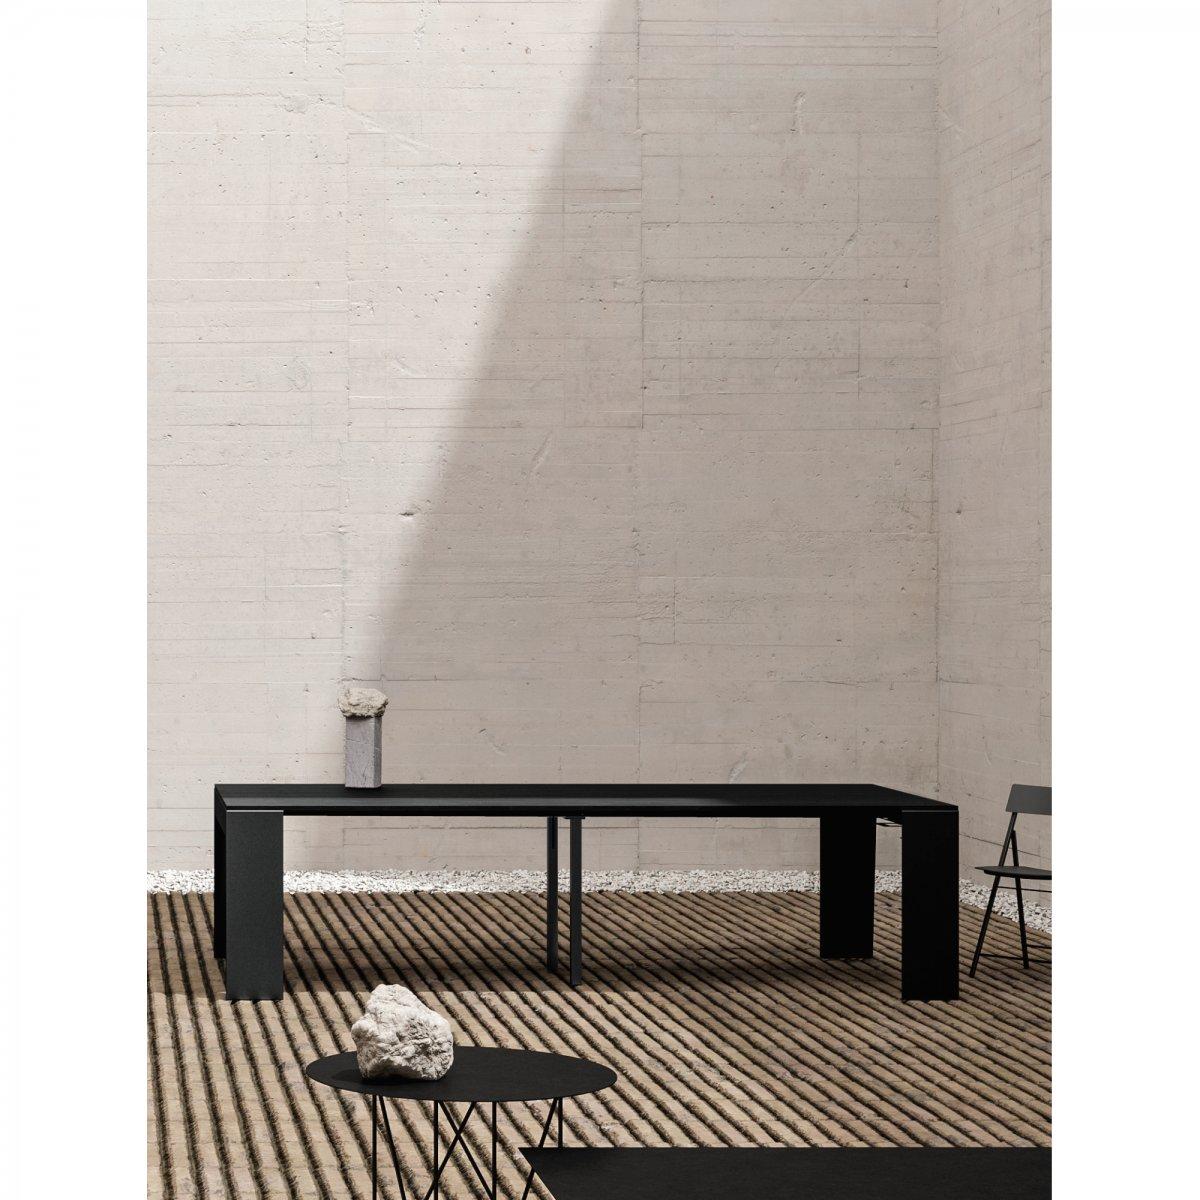 Pezzani: MARVEL TAVOLO CONSOLLE ALLUNGABILE Pezzani | tavoli e sedie ...